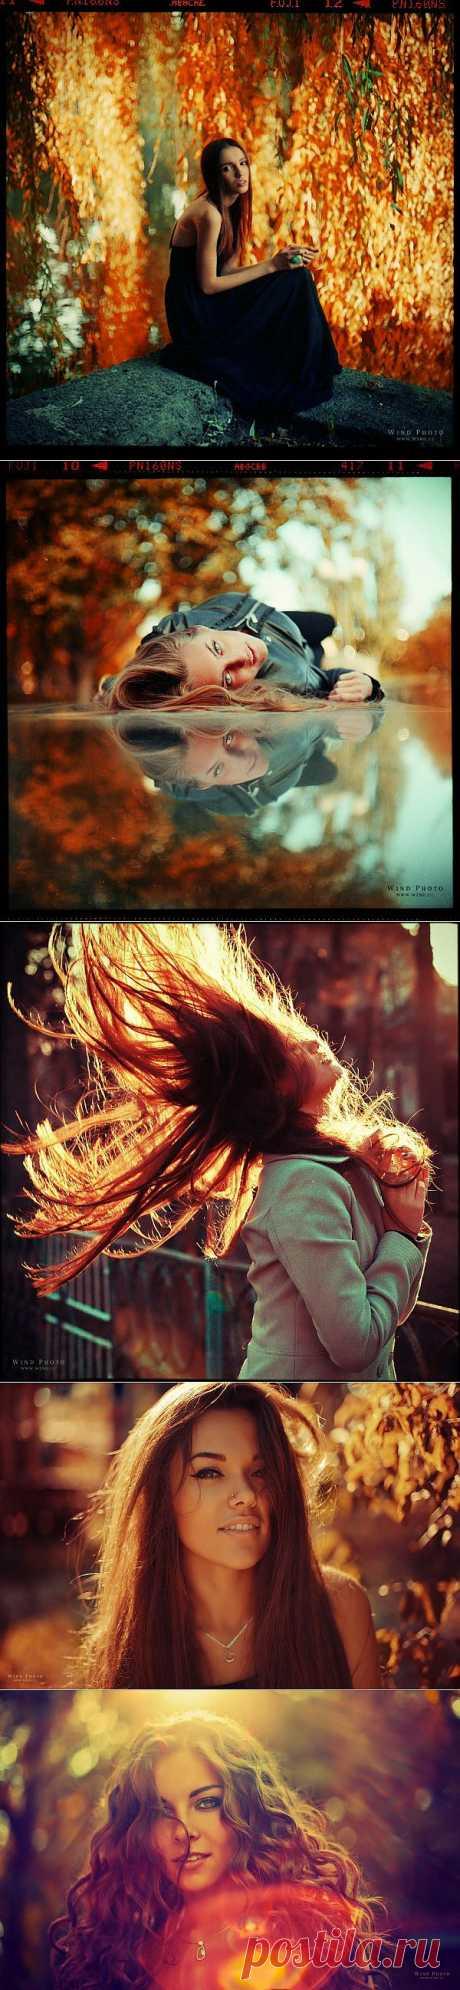 (+1) - Очень красивые девушки от украинского фотографа (ФОТО)   САМЫЙ СОК!